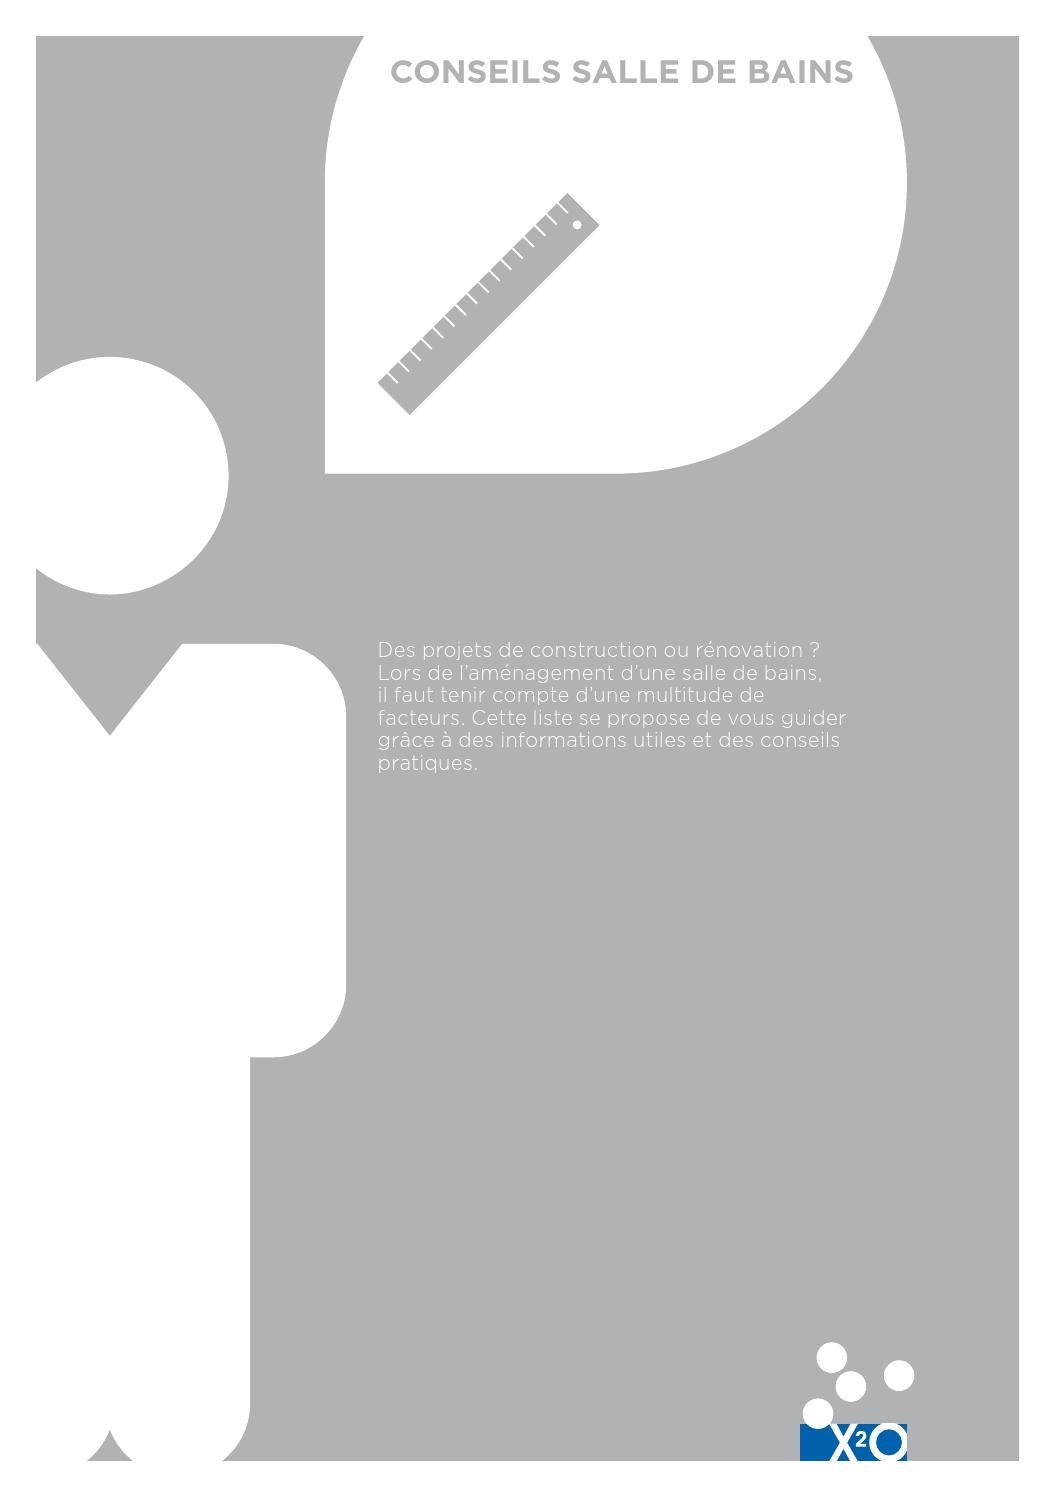 X2o folder conseils salle de bains fr by x2o sanitary issuu for Salle de bain x2o avis